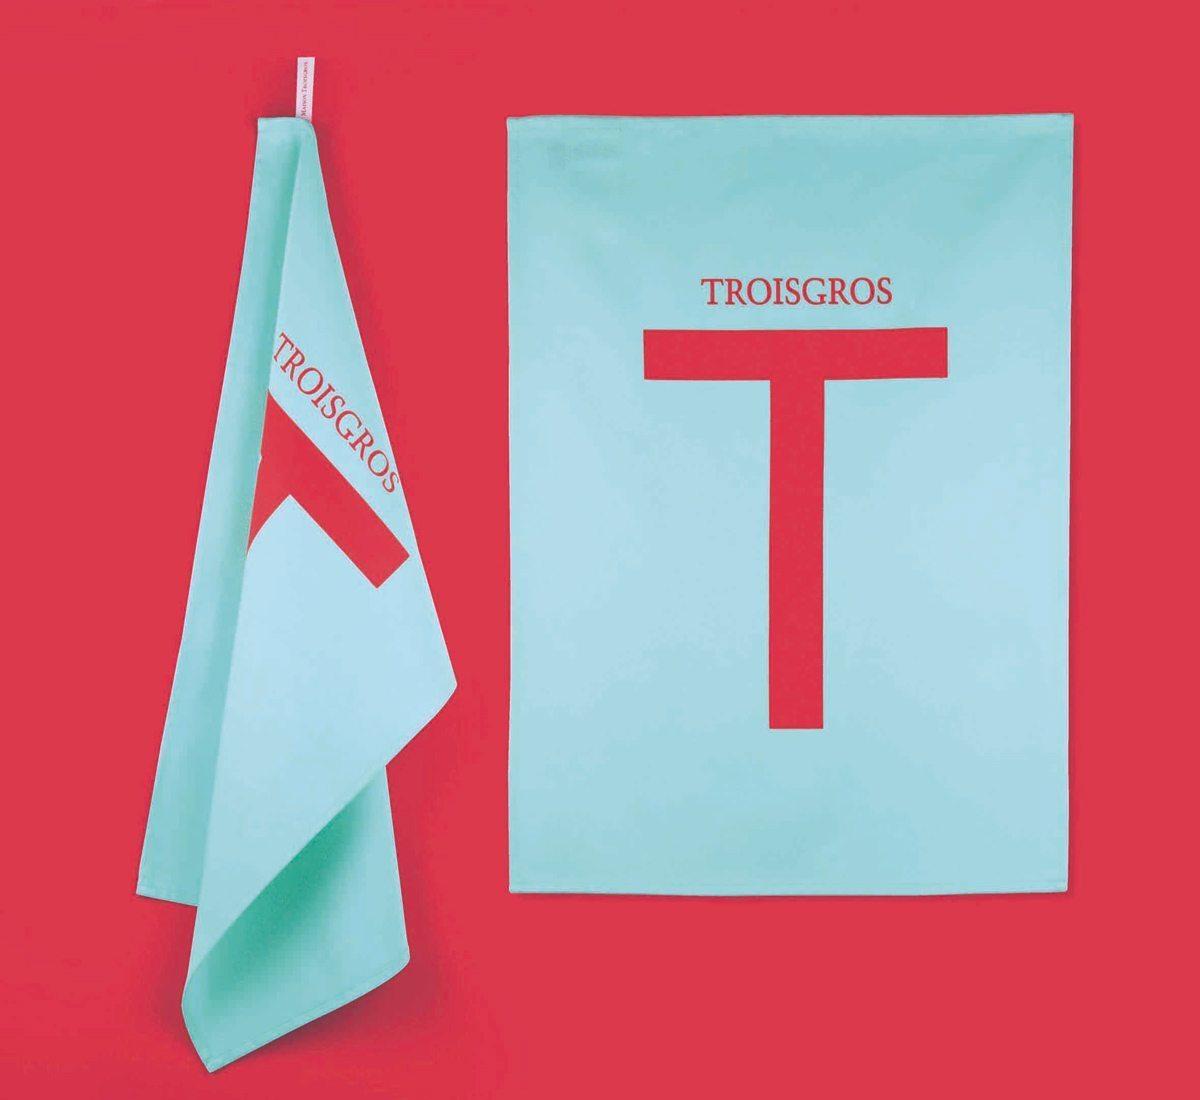 Torchons Troisgros, hôtel et restaurant étoilé, torchons rouge et turquoise au design franc et pur, identité visuelle Ich&Kar